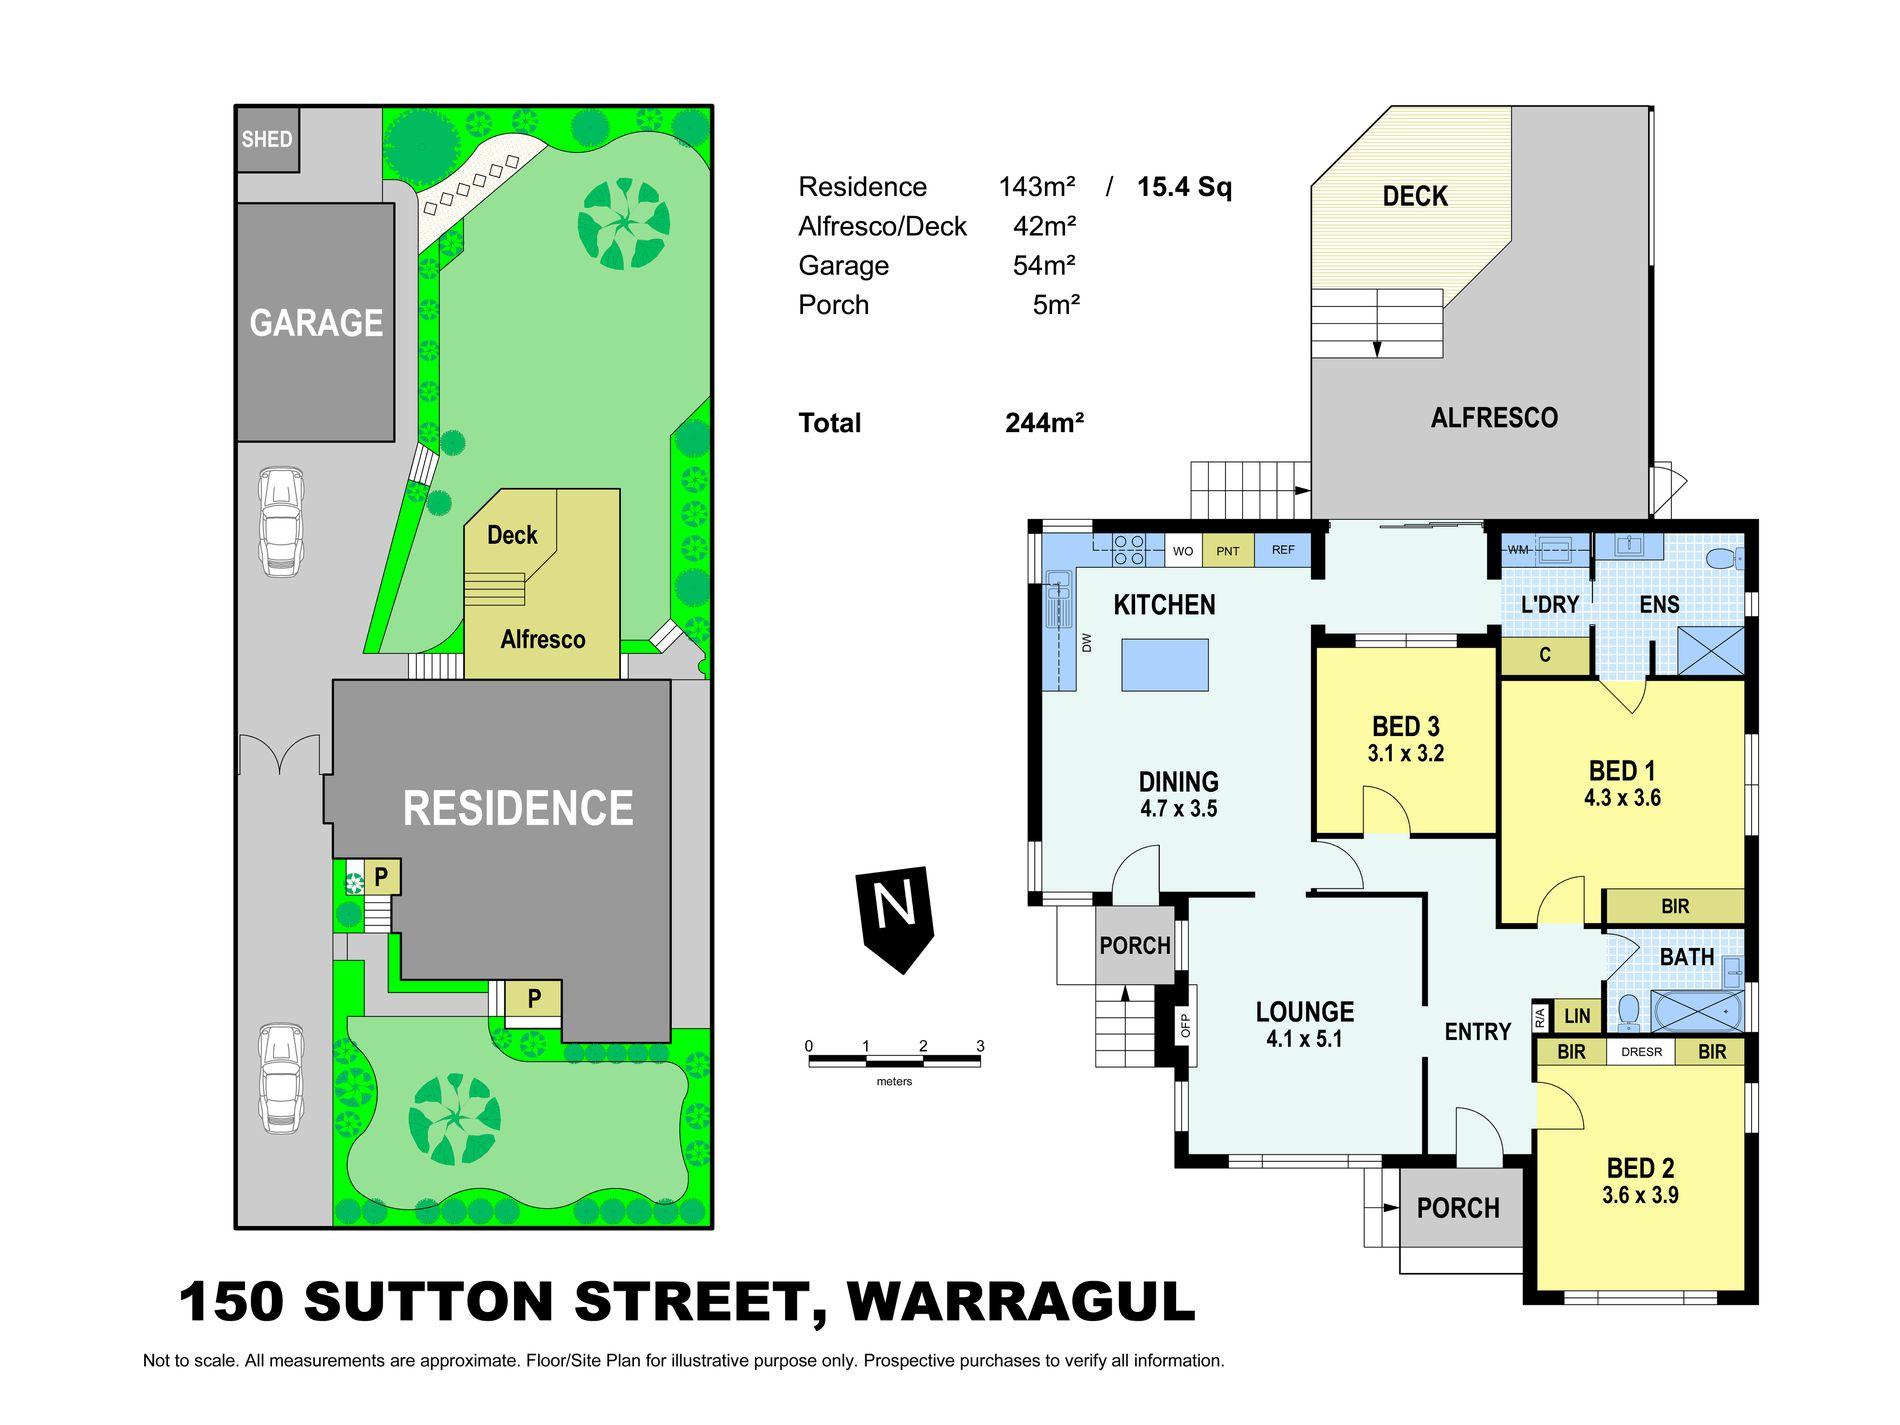 150 Sutton Street, Warragul